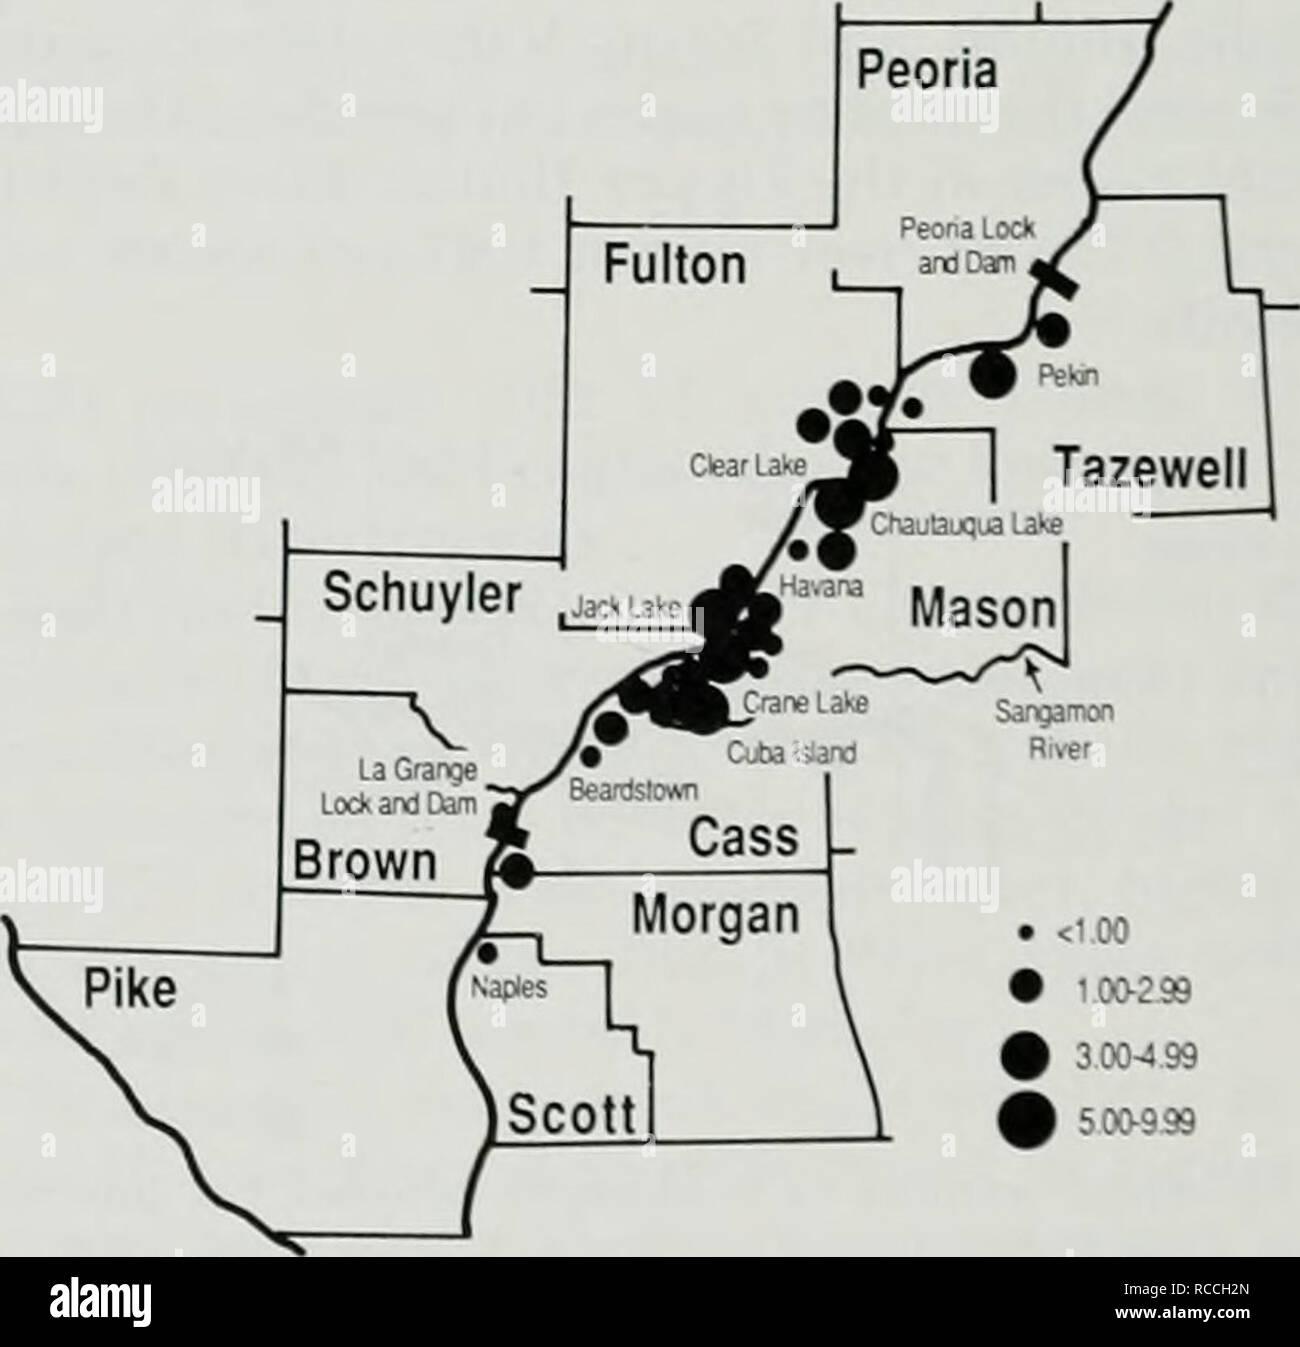 """. Distribuzione e abbondanza delle popolazioni di inverno di aquile calve in Illinois. Aquila calva. Fig. 24.-numero medio ol b.iUl aquile ho censimento sono,è uilliiii inferiore llie Illinois Ri' • 100-299 % 3.00-4-99 innied per inenior una regione er. 1972-1986. Fig. 22.-Fastern sh, in Senacliw'ine L.tk la stima della densità di aquile calve nella parte inferiore del fiume Illinois regione media ().5(i al fiume miglio o 0,49 per squaie miglio di habitat delle paludi. La densità media per scjuare miglio delle zone umide (0,49) in questo re- gione slighth era superiore al valore lor la (""""entral e l'pj)ei Illinois River regioni (0.47) Foto Stock"""